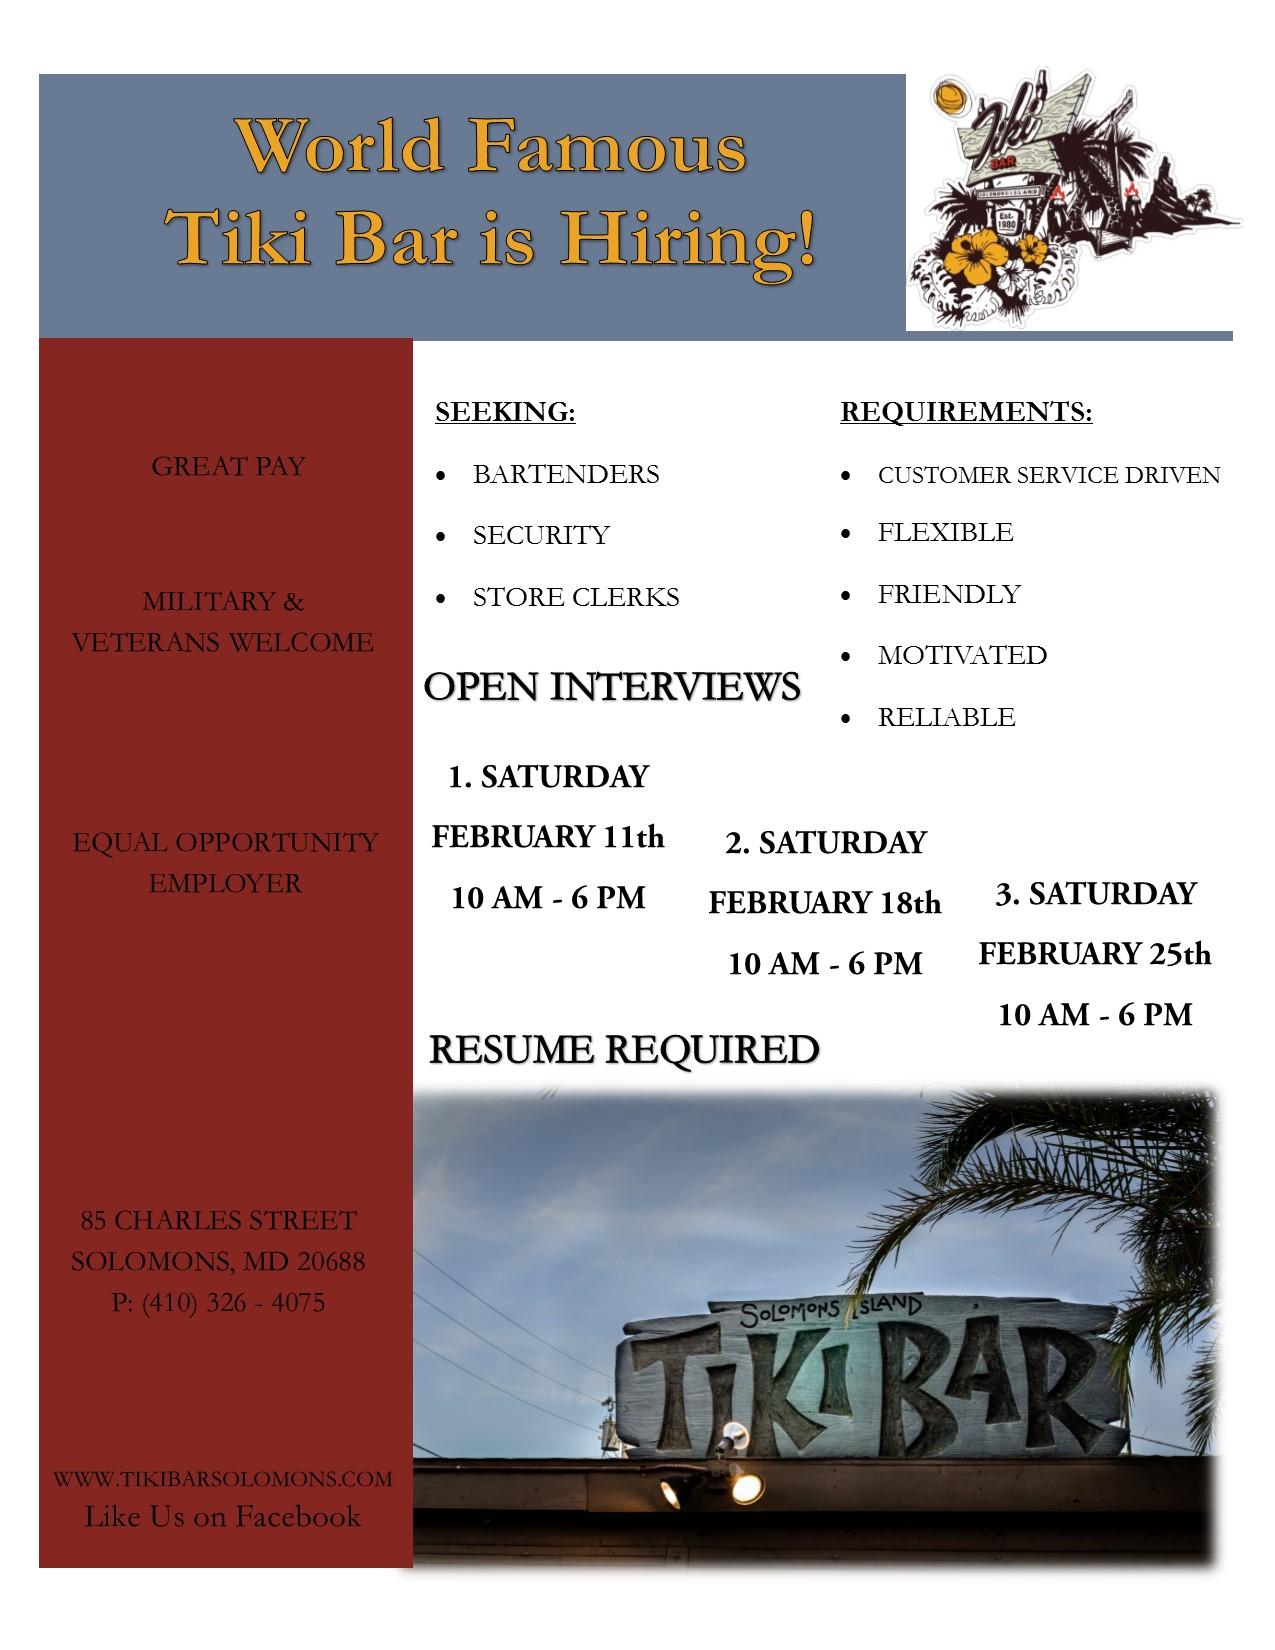 Tiki Bar Hiring 2017